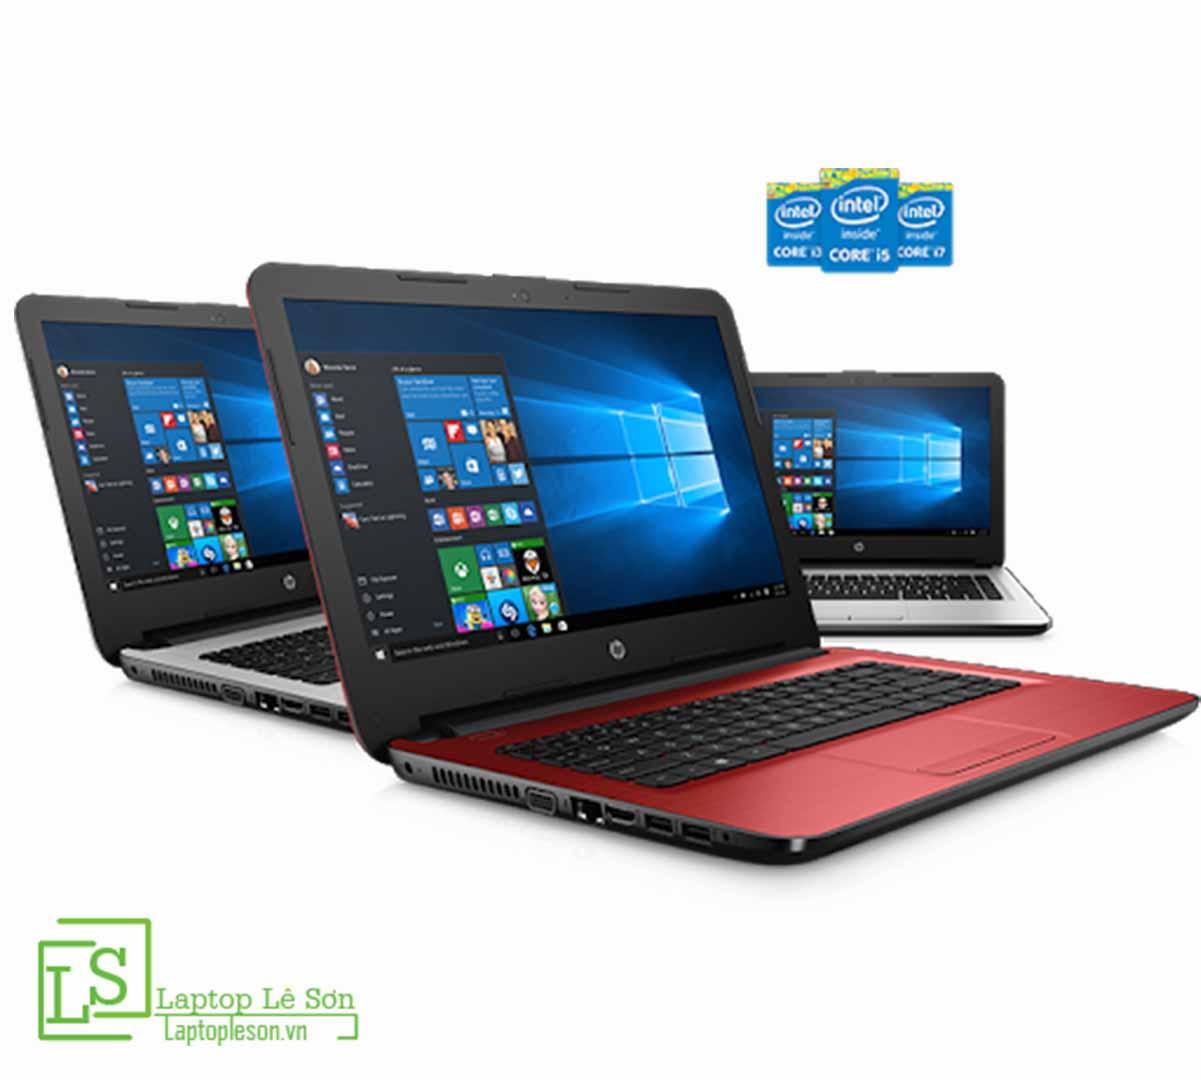 HP Essential - Laptop phổ thông